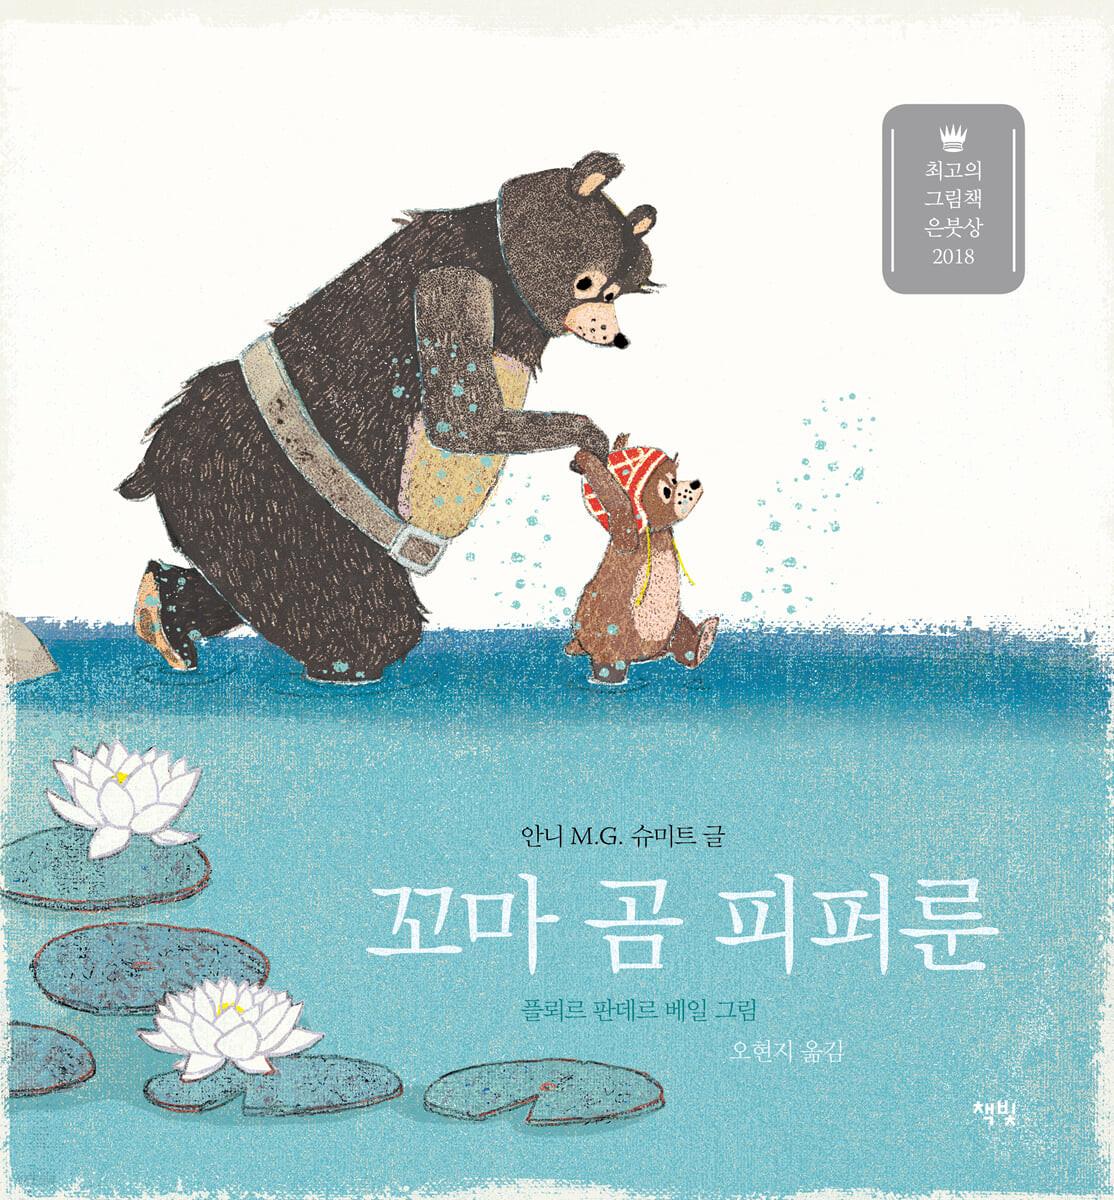 꼬마 곰 피퍼룬